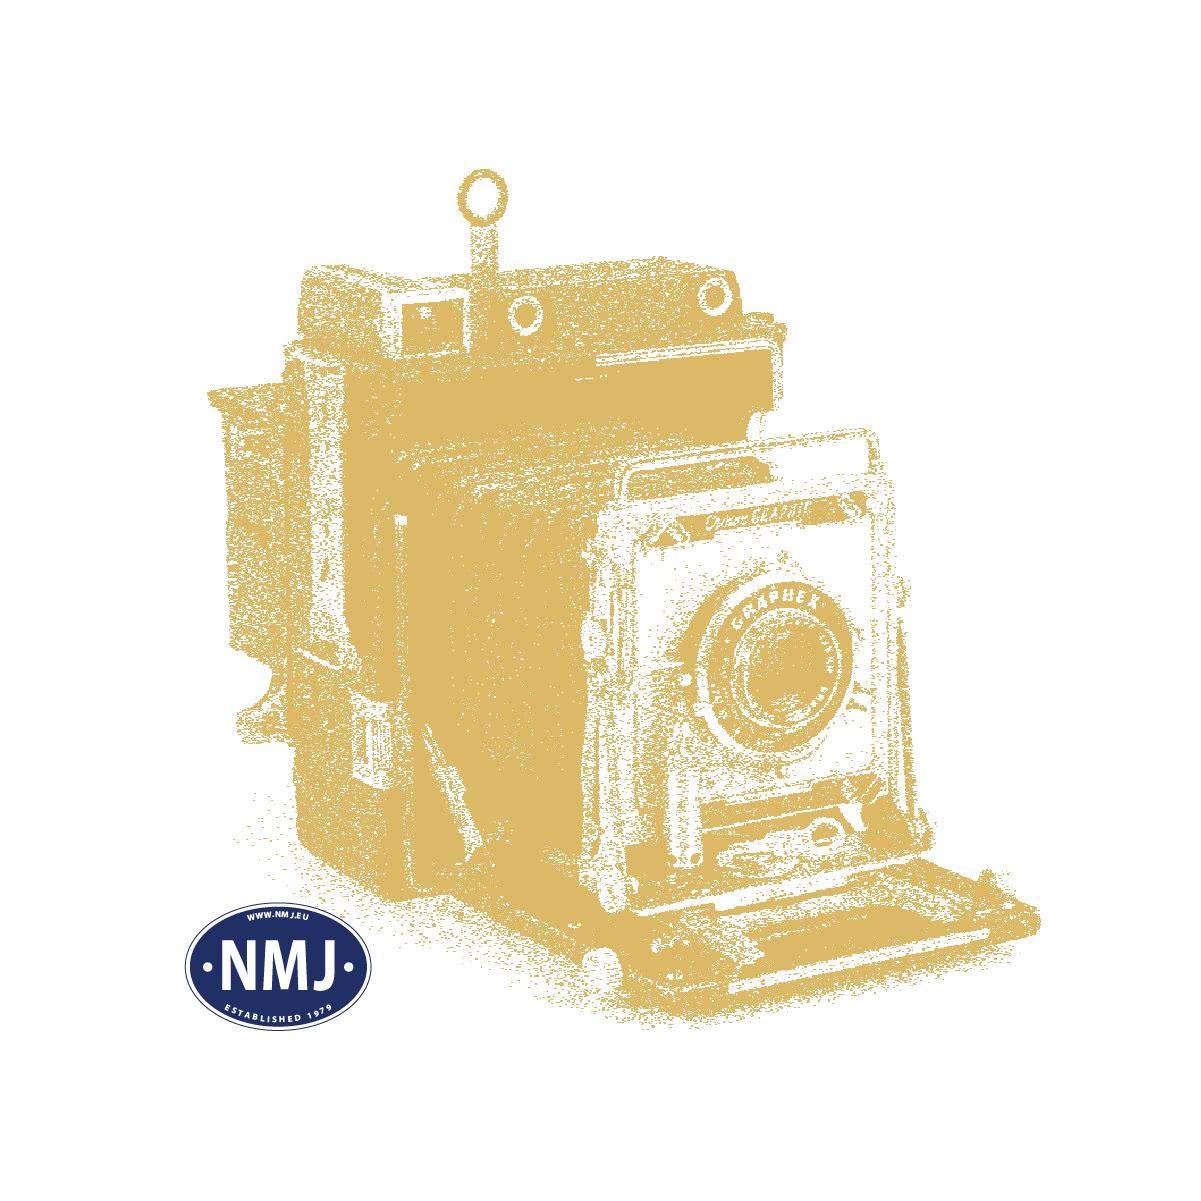 NMJT95401 - NMJ Topline 202020 Diesellok der SNCB AC Digital